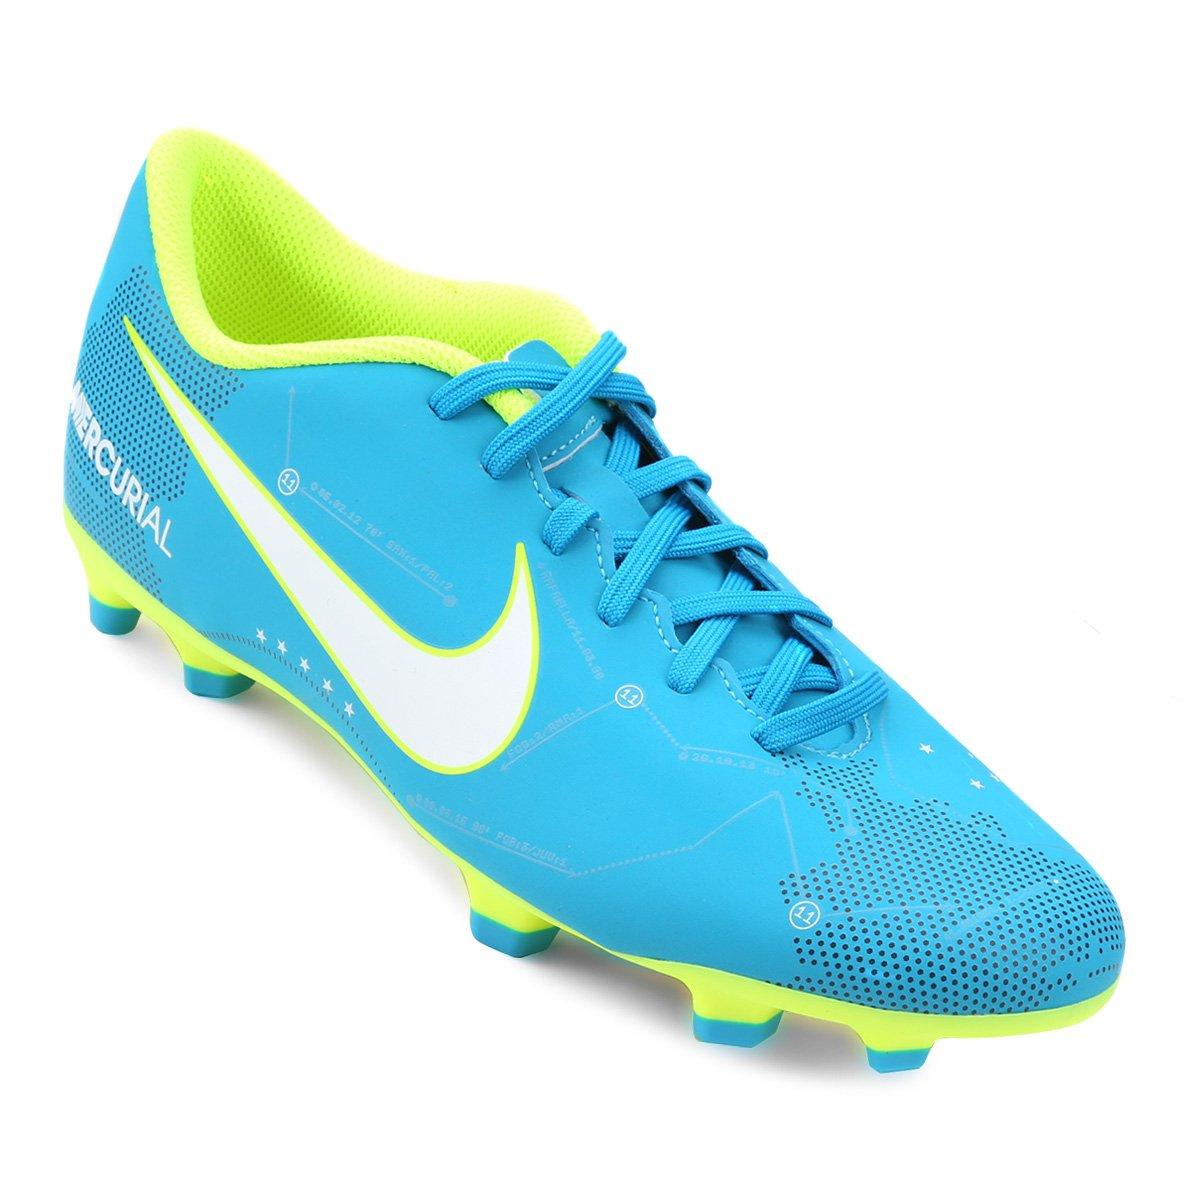 bofetada calificación No es suficiente  Chuteira Campo Nike Mercurial Vortex 3 Neymar Jr FG   Netshoes